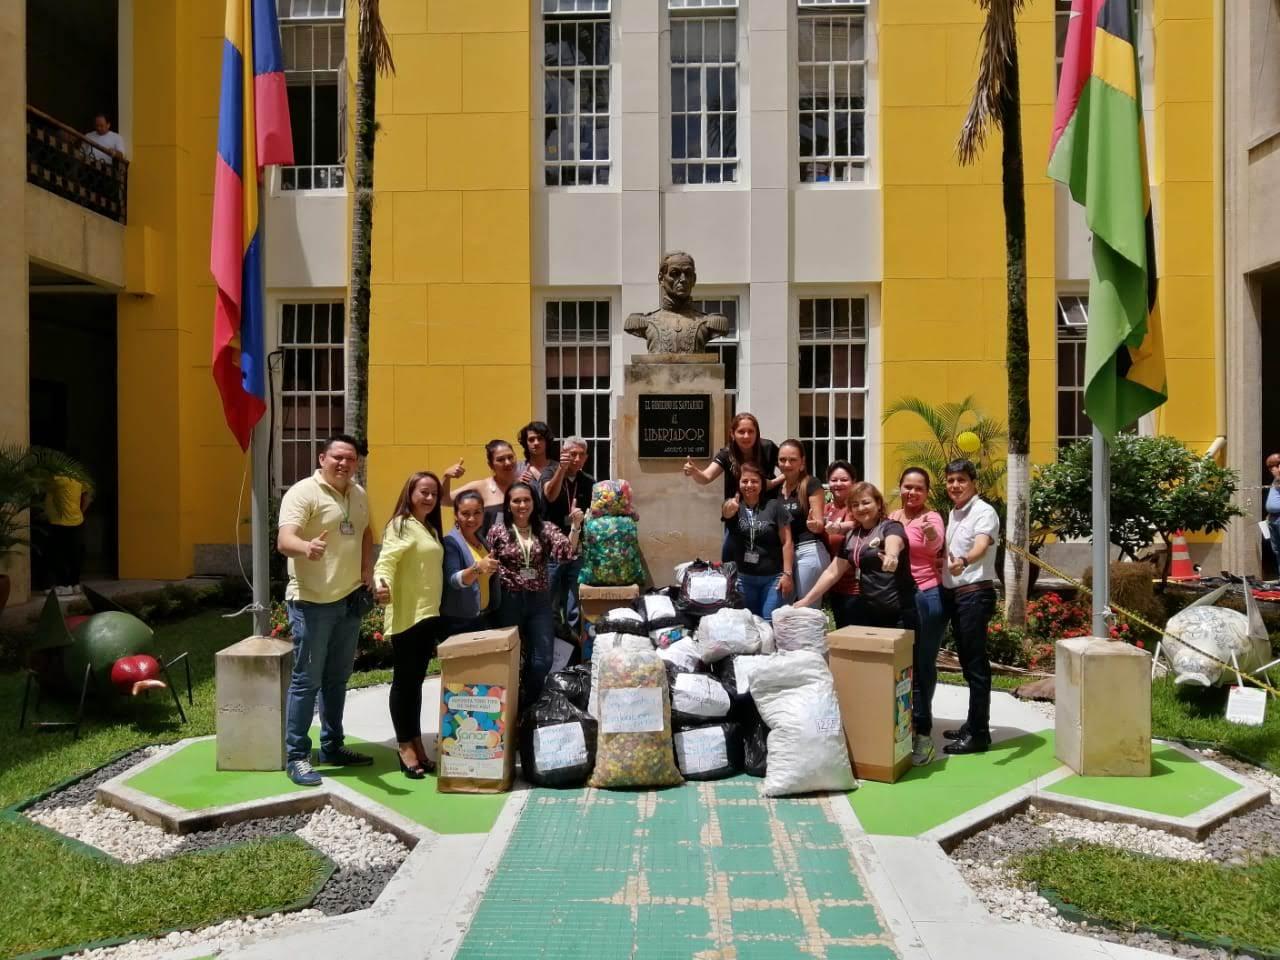 Dona Tapitas, Regala Sonrisas para los niños con cáncer en Santander   Región   Santander   EL FRENTE